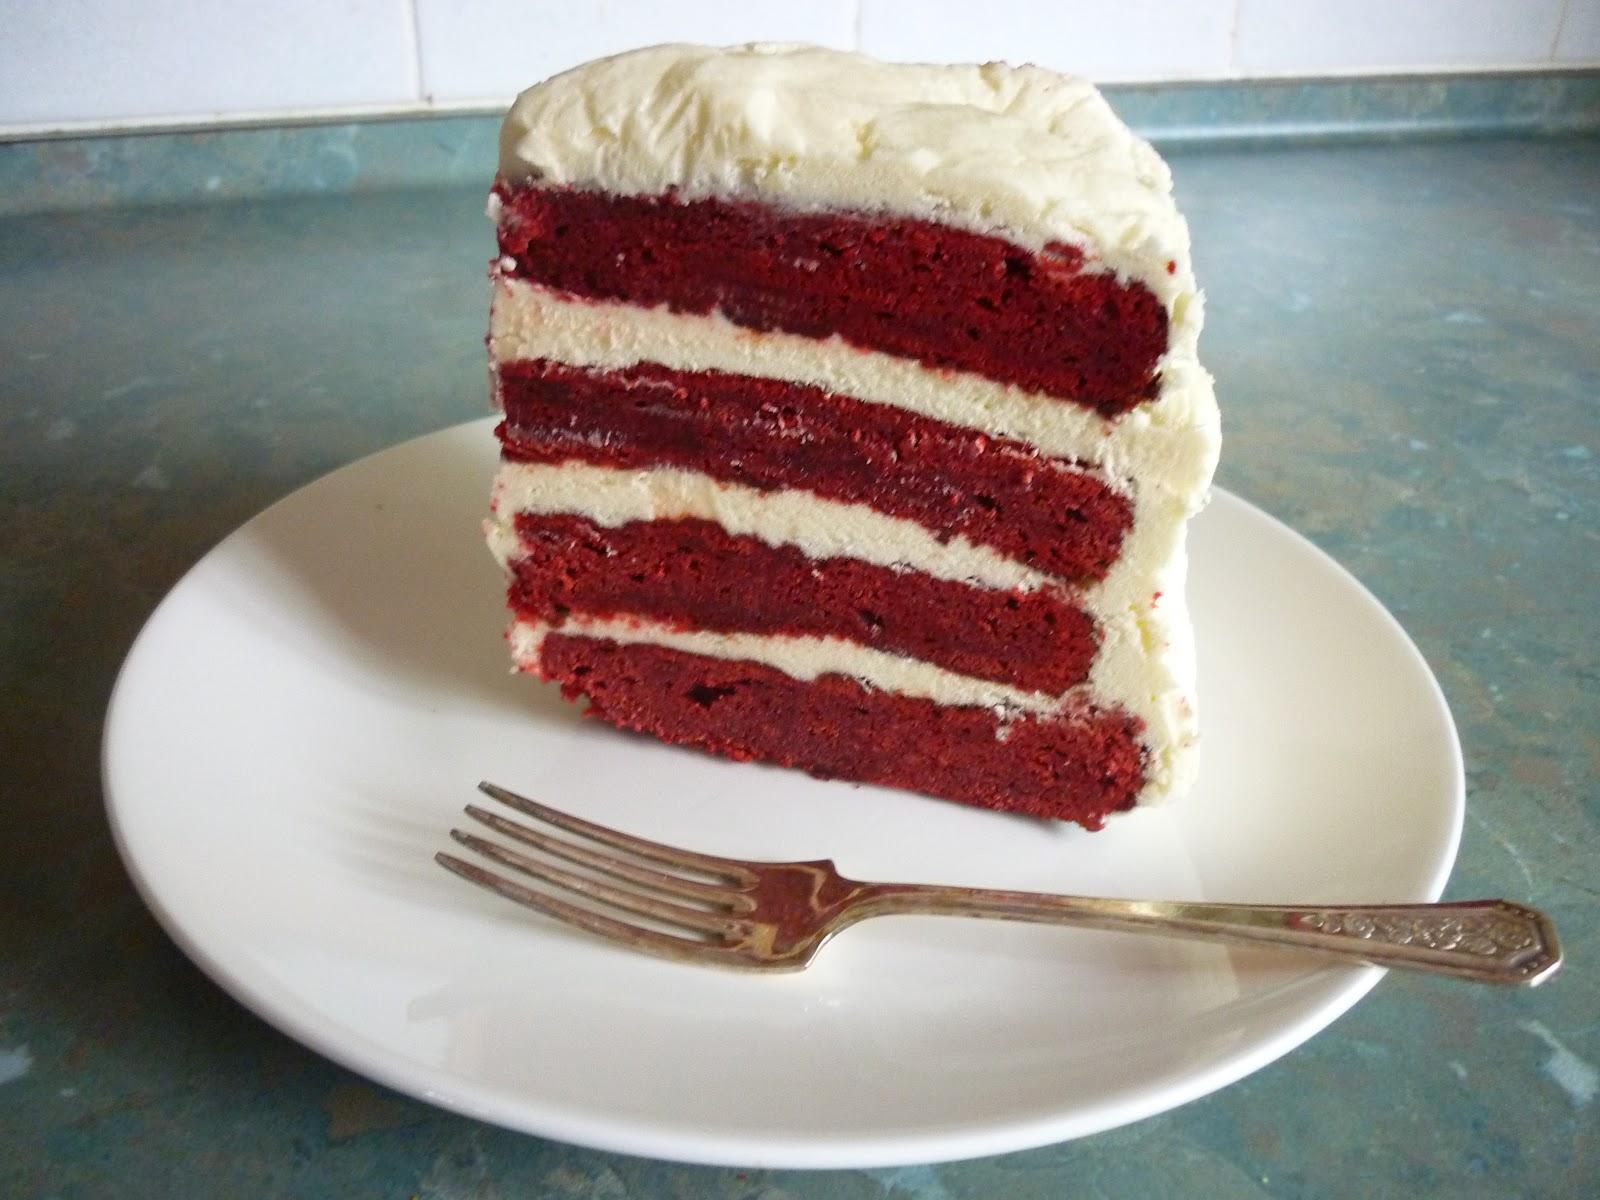 Little things . . .: Red Velvet Layer Cake